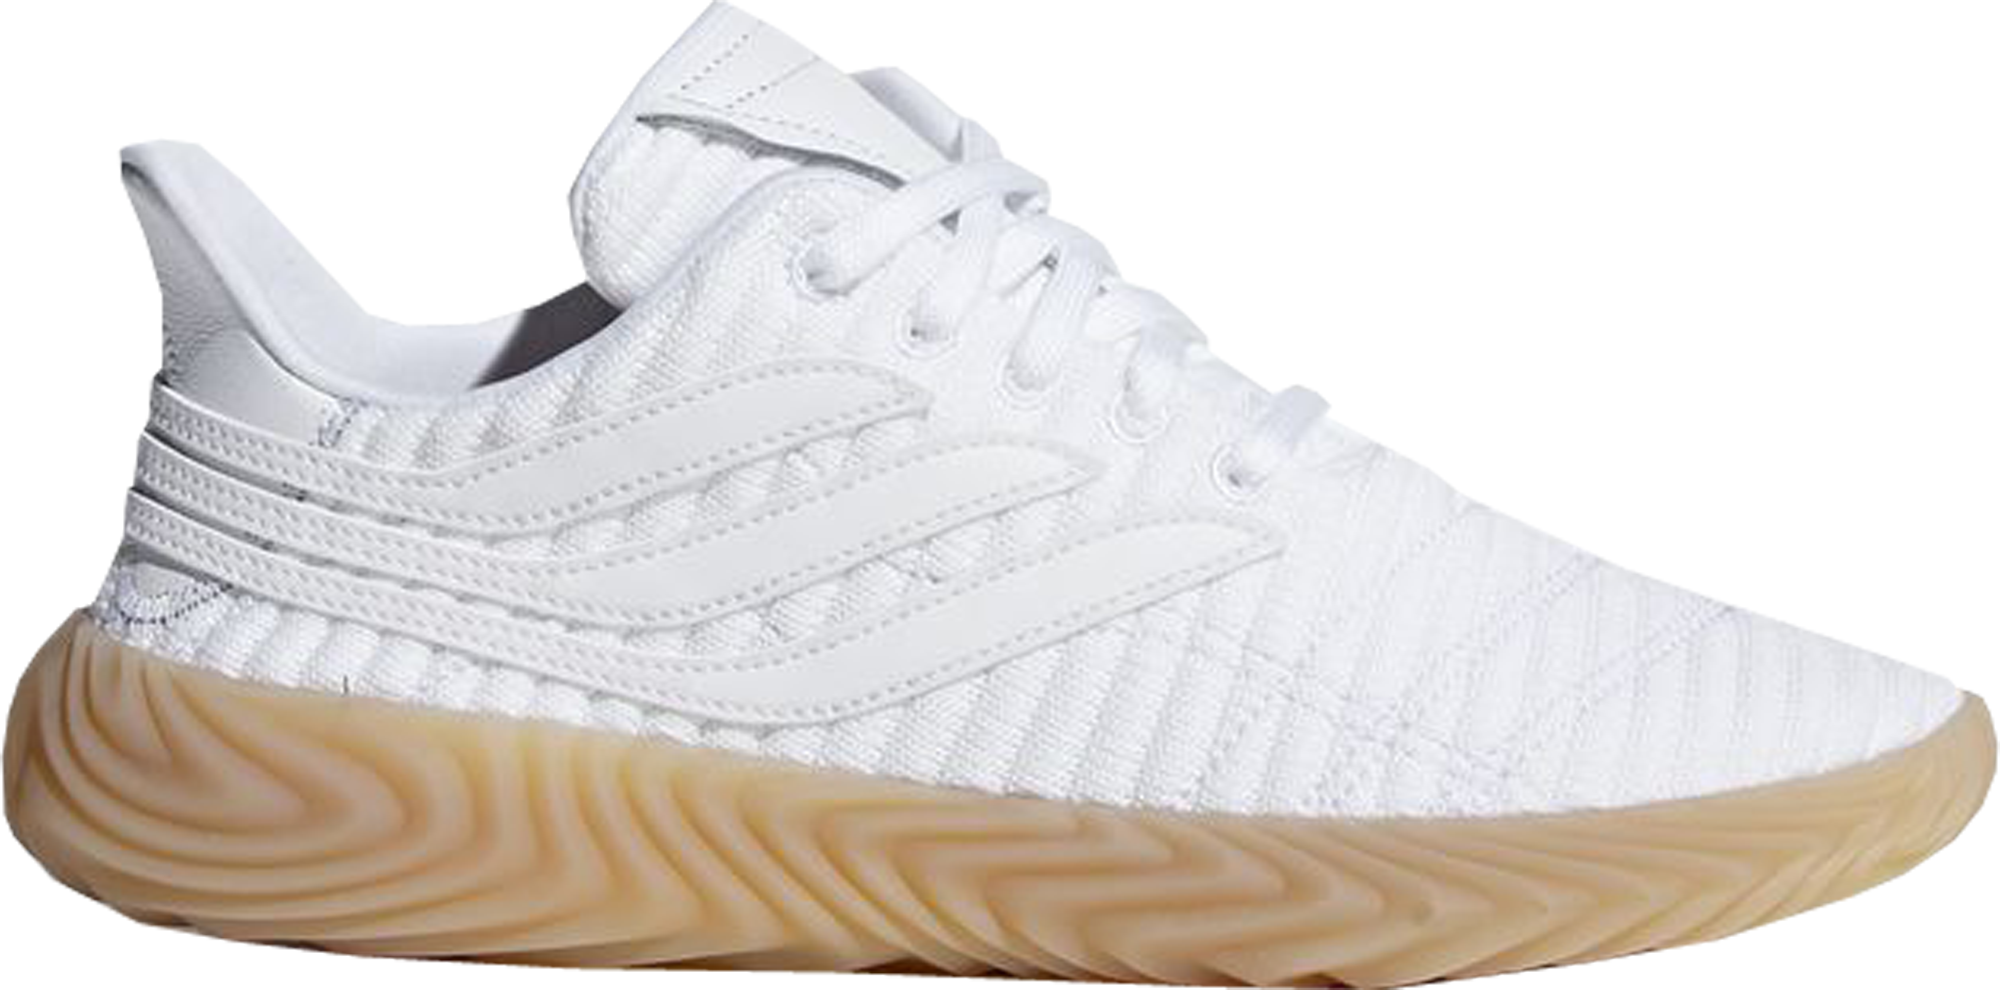 adidas Sobakov White Gum